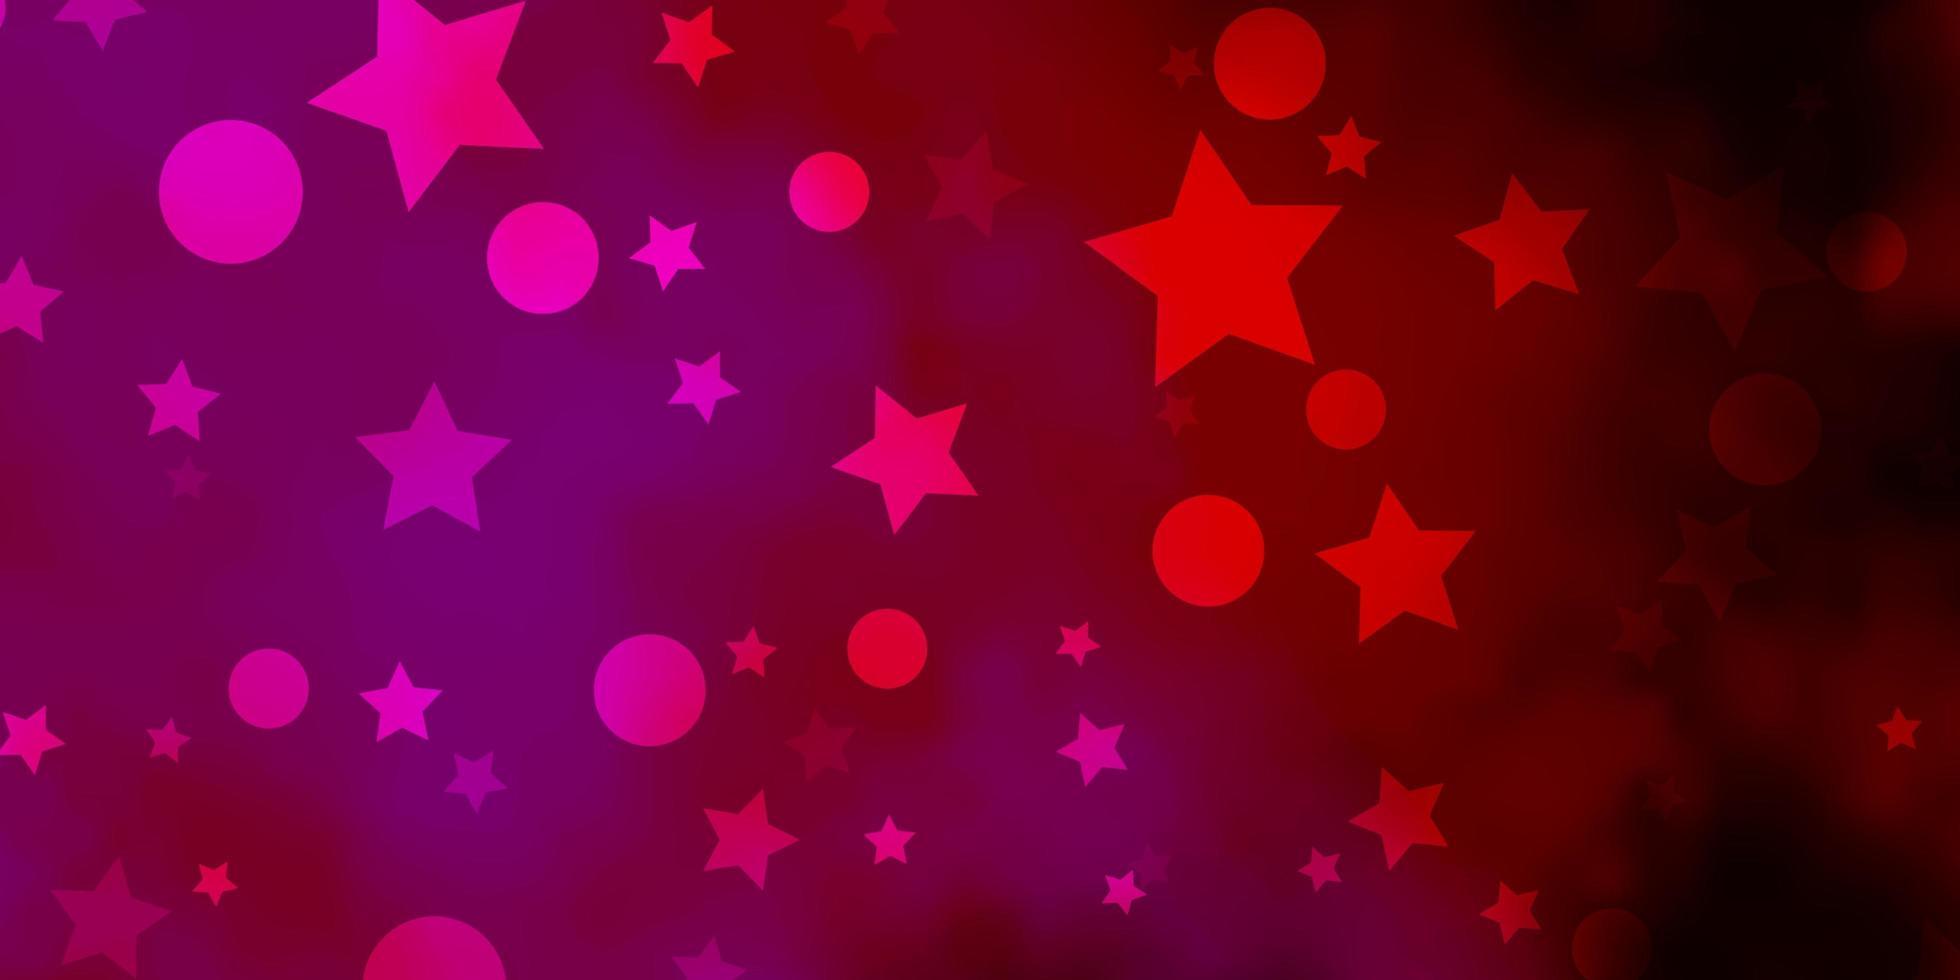 dunkelvioletter, rosa Vektorhintergrund mit Kreisen, Sternen. vektor